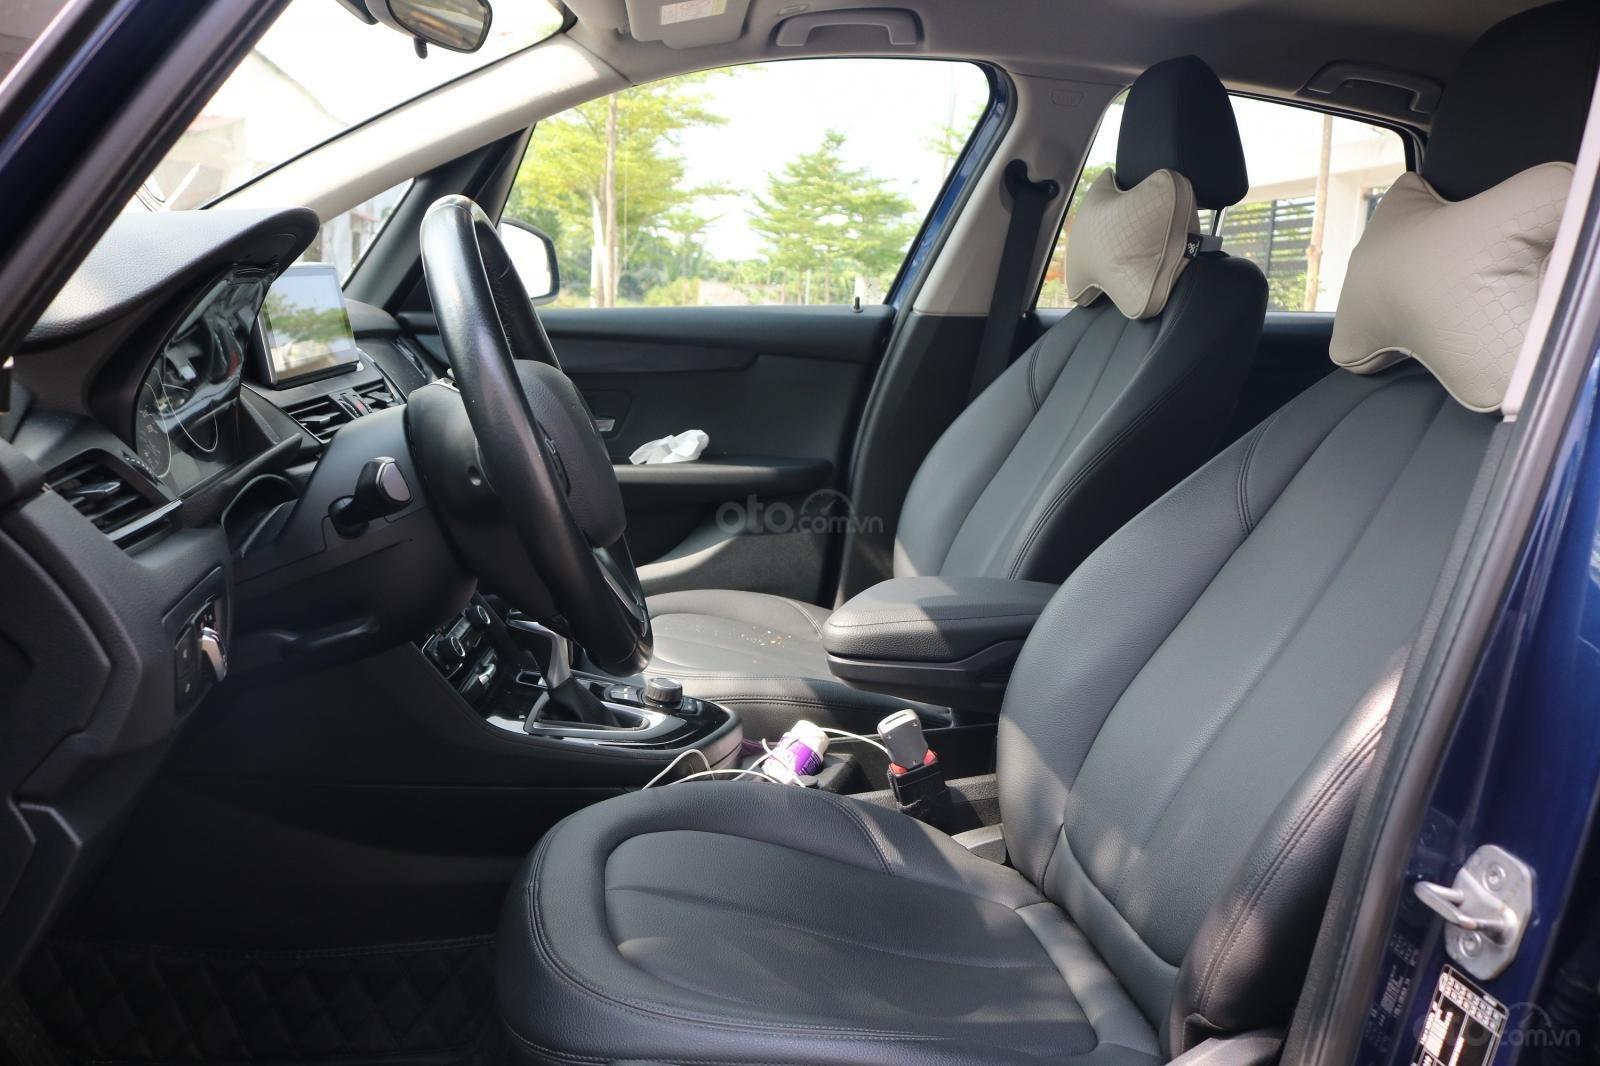 Bán BMW 218i Active Tourer 2015, đã đi 35000km, xe chính chủ (3)